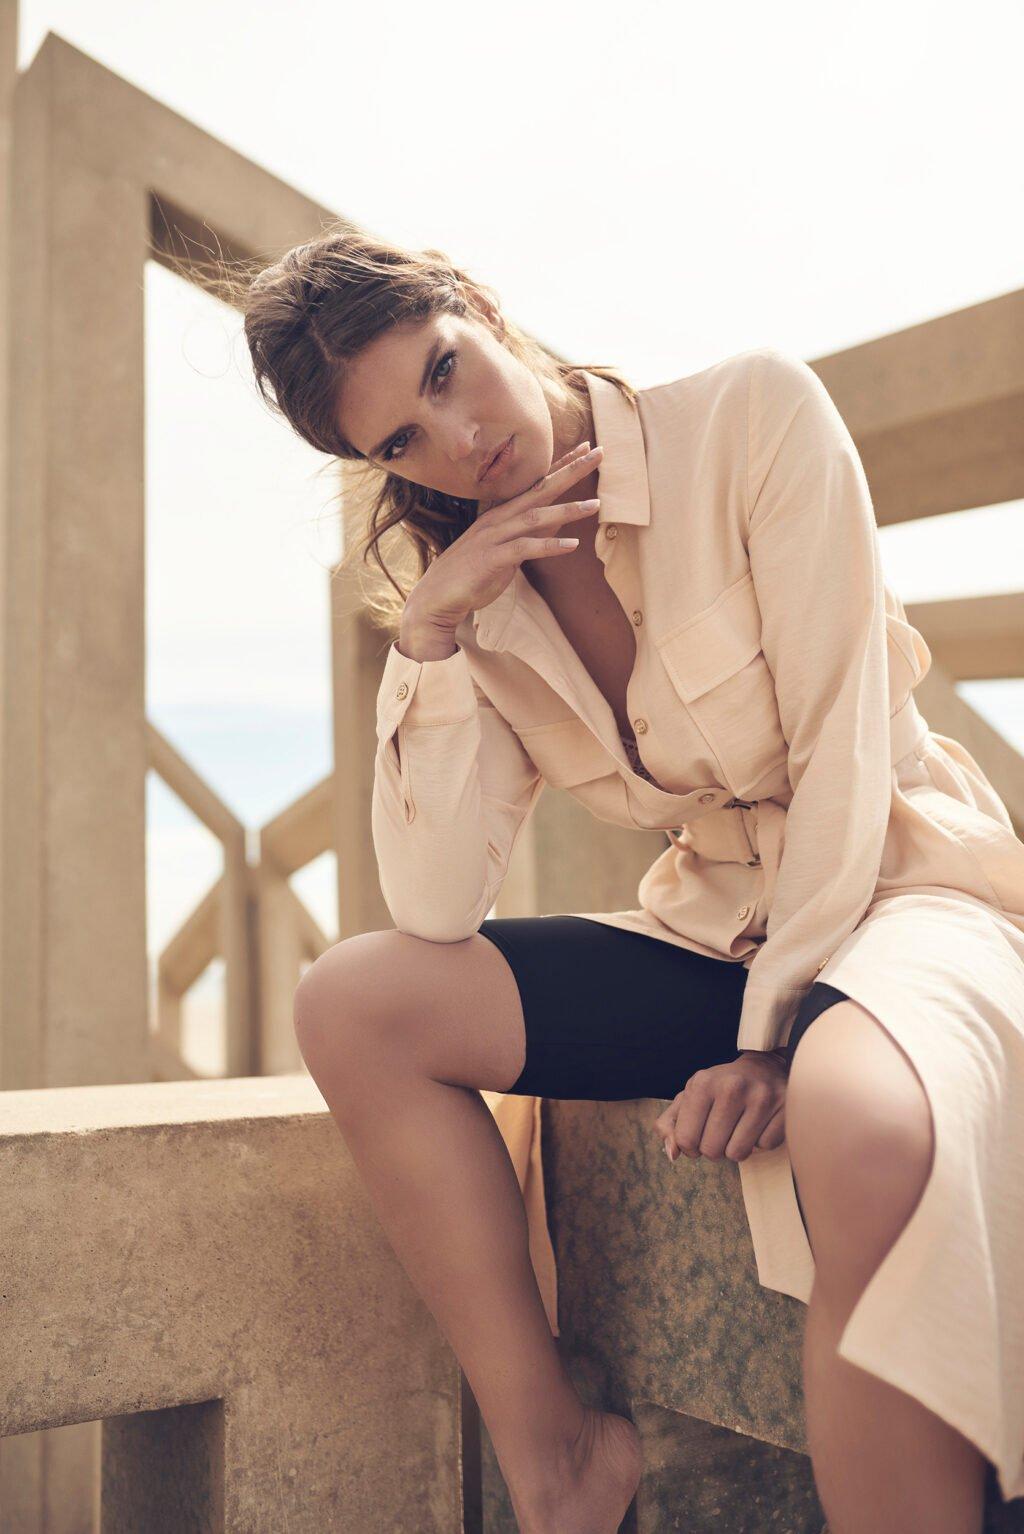 Model is wearing Rino and Pelle knitwear